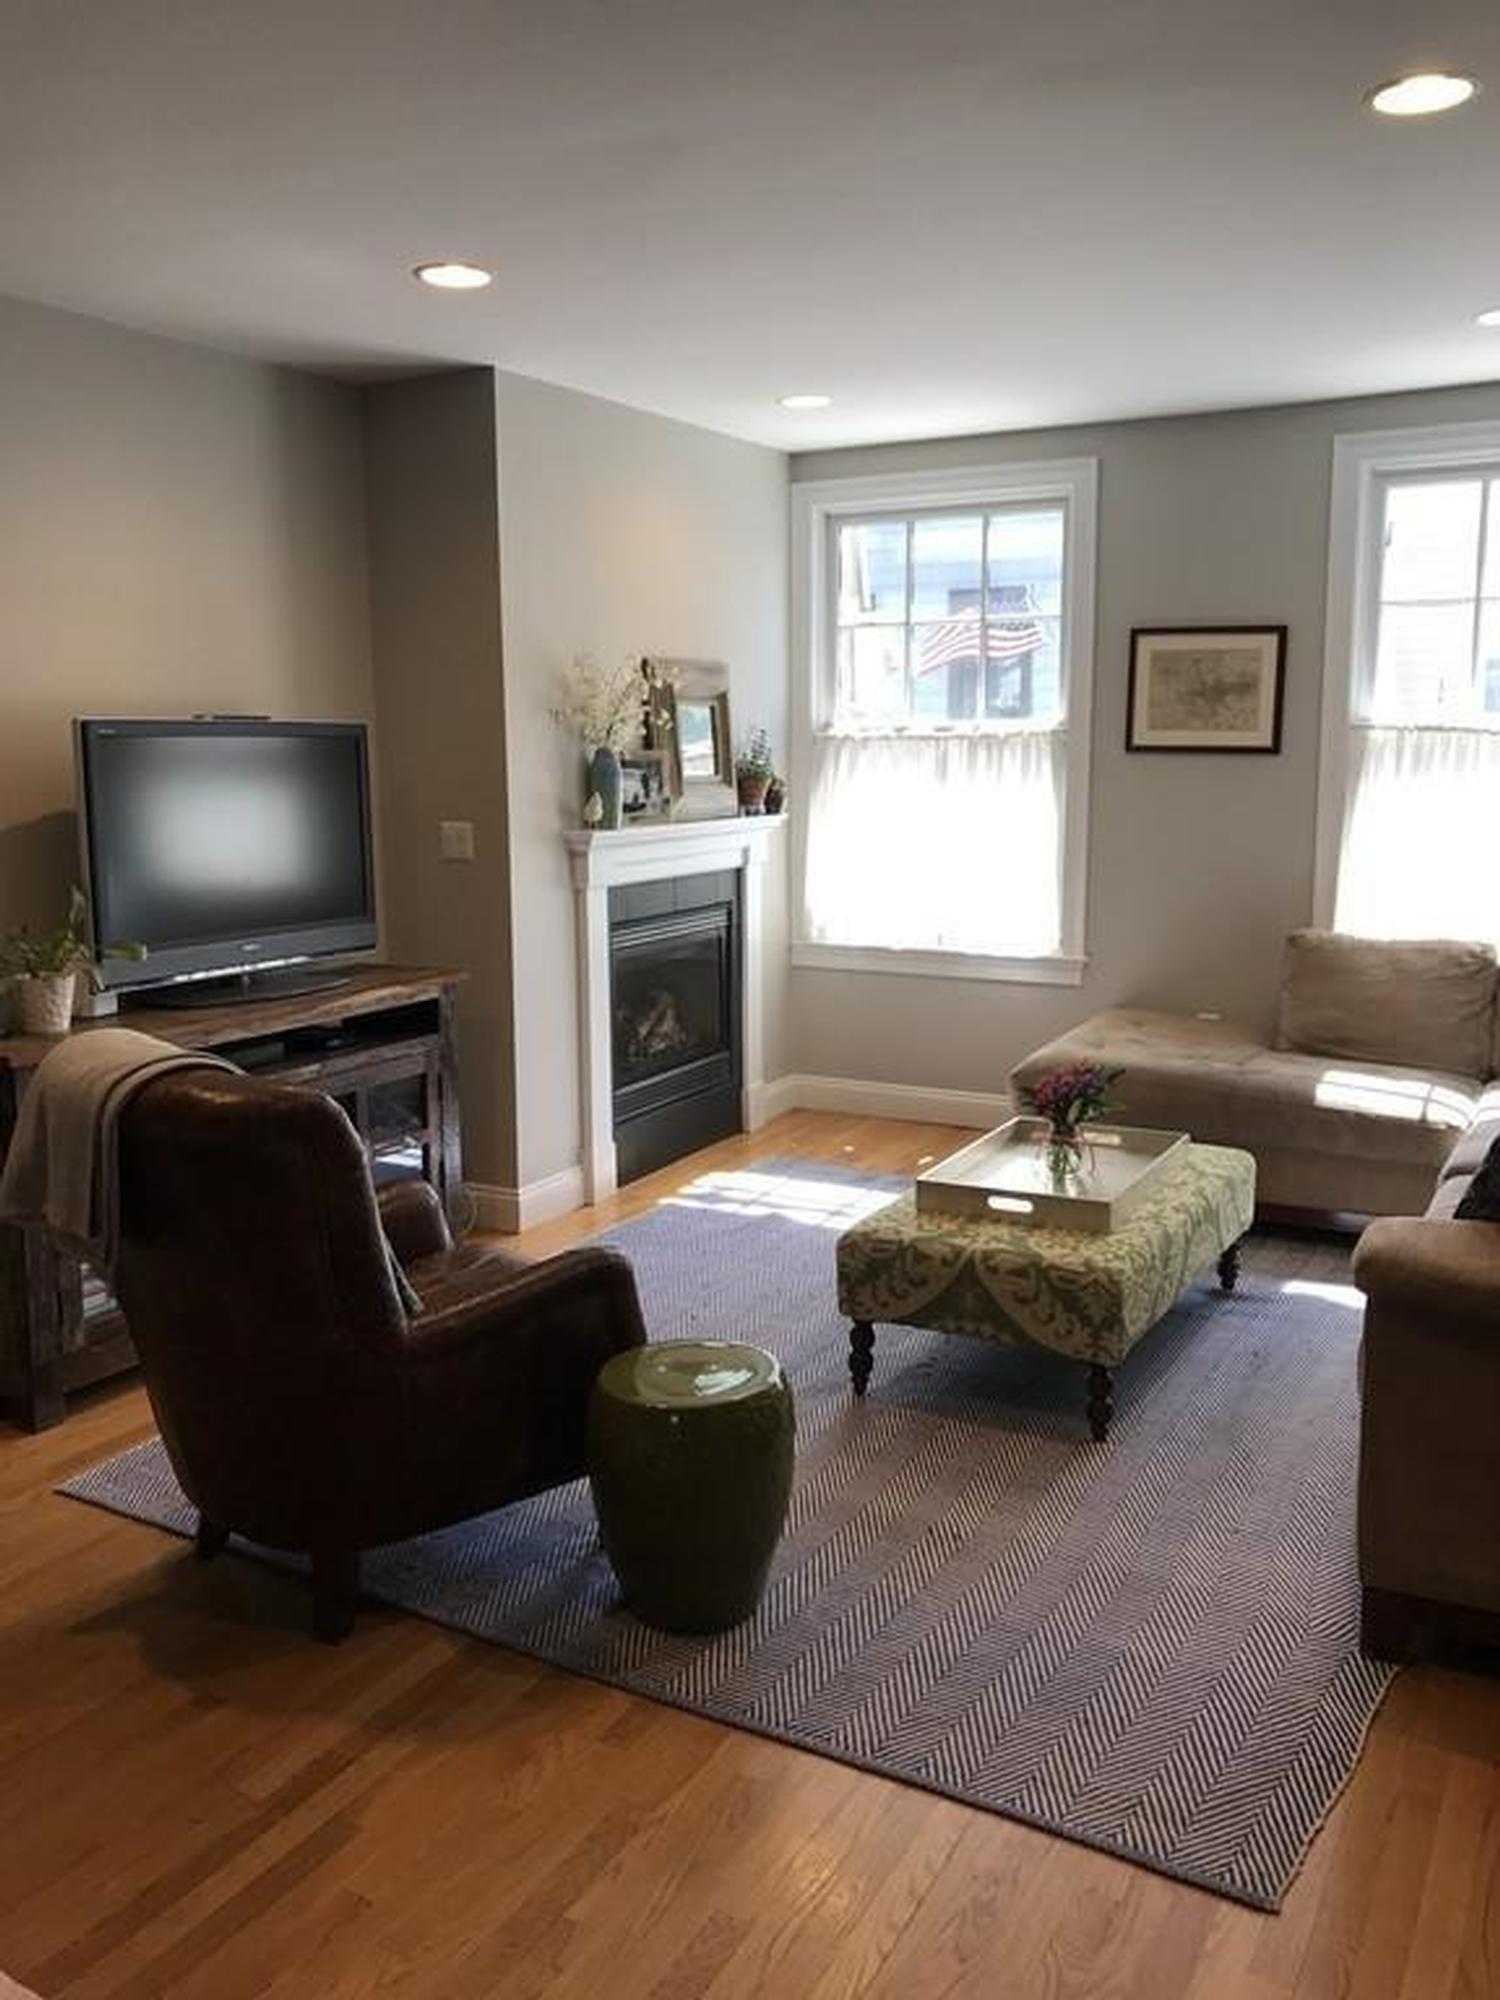 Photo of 60 Sullivan Street Boston - Charlestown, MA 02129